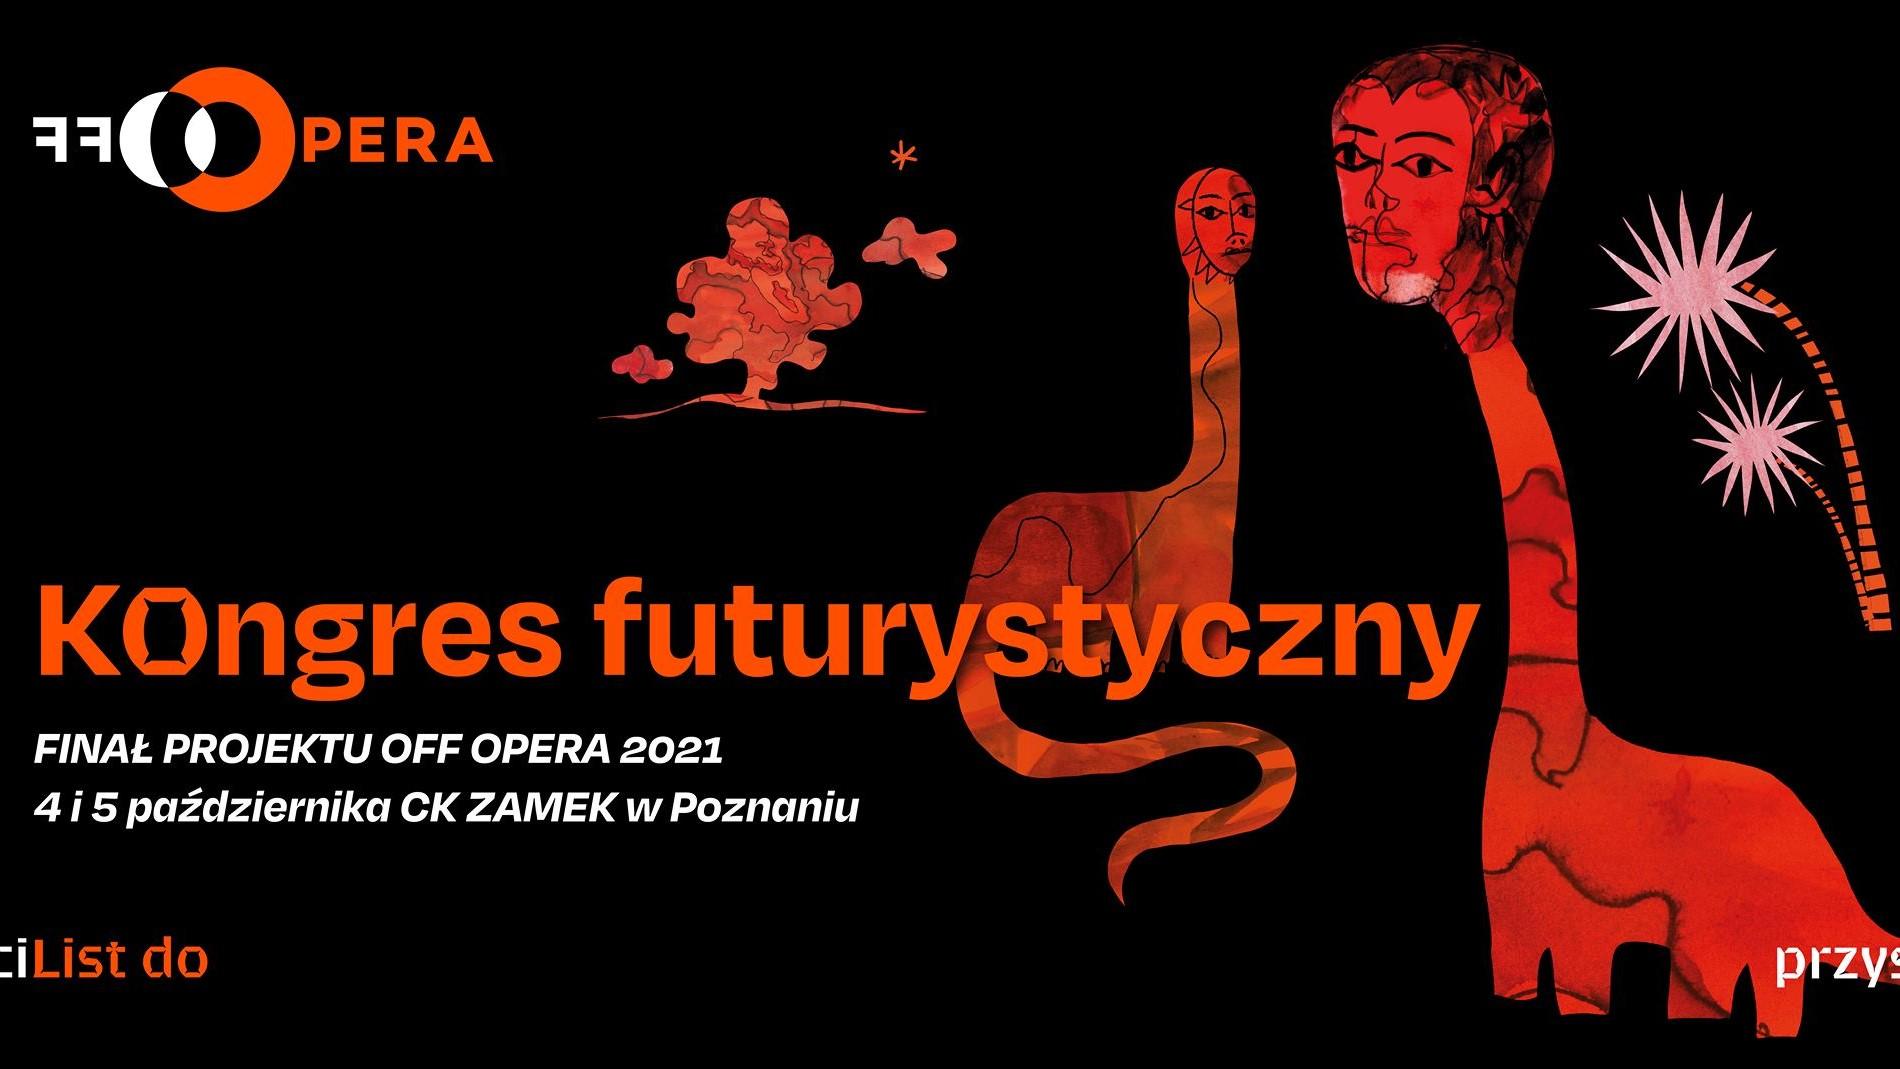 Kongres futurystyczny — finał projektu OFF Opera 2021